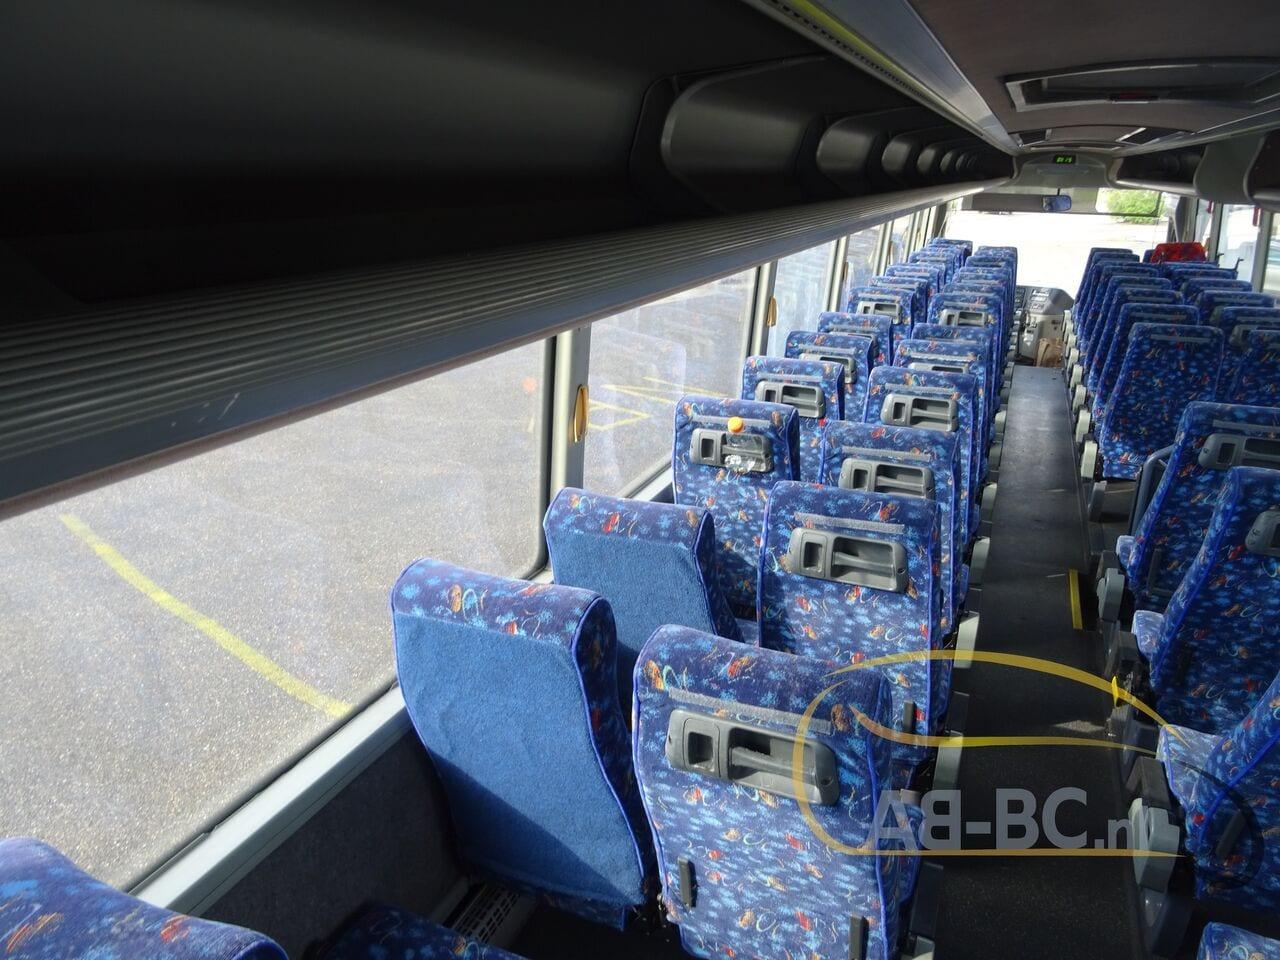 coach-busTEMSA-Safari-RD-65-Seats---1620312048764096680_big_b273a8ea4062bd3bc9a2c995efd153df--21050617272795316700